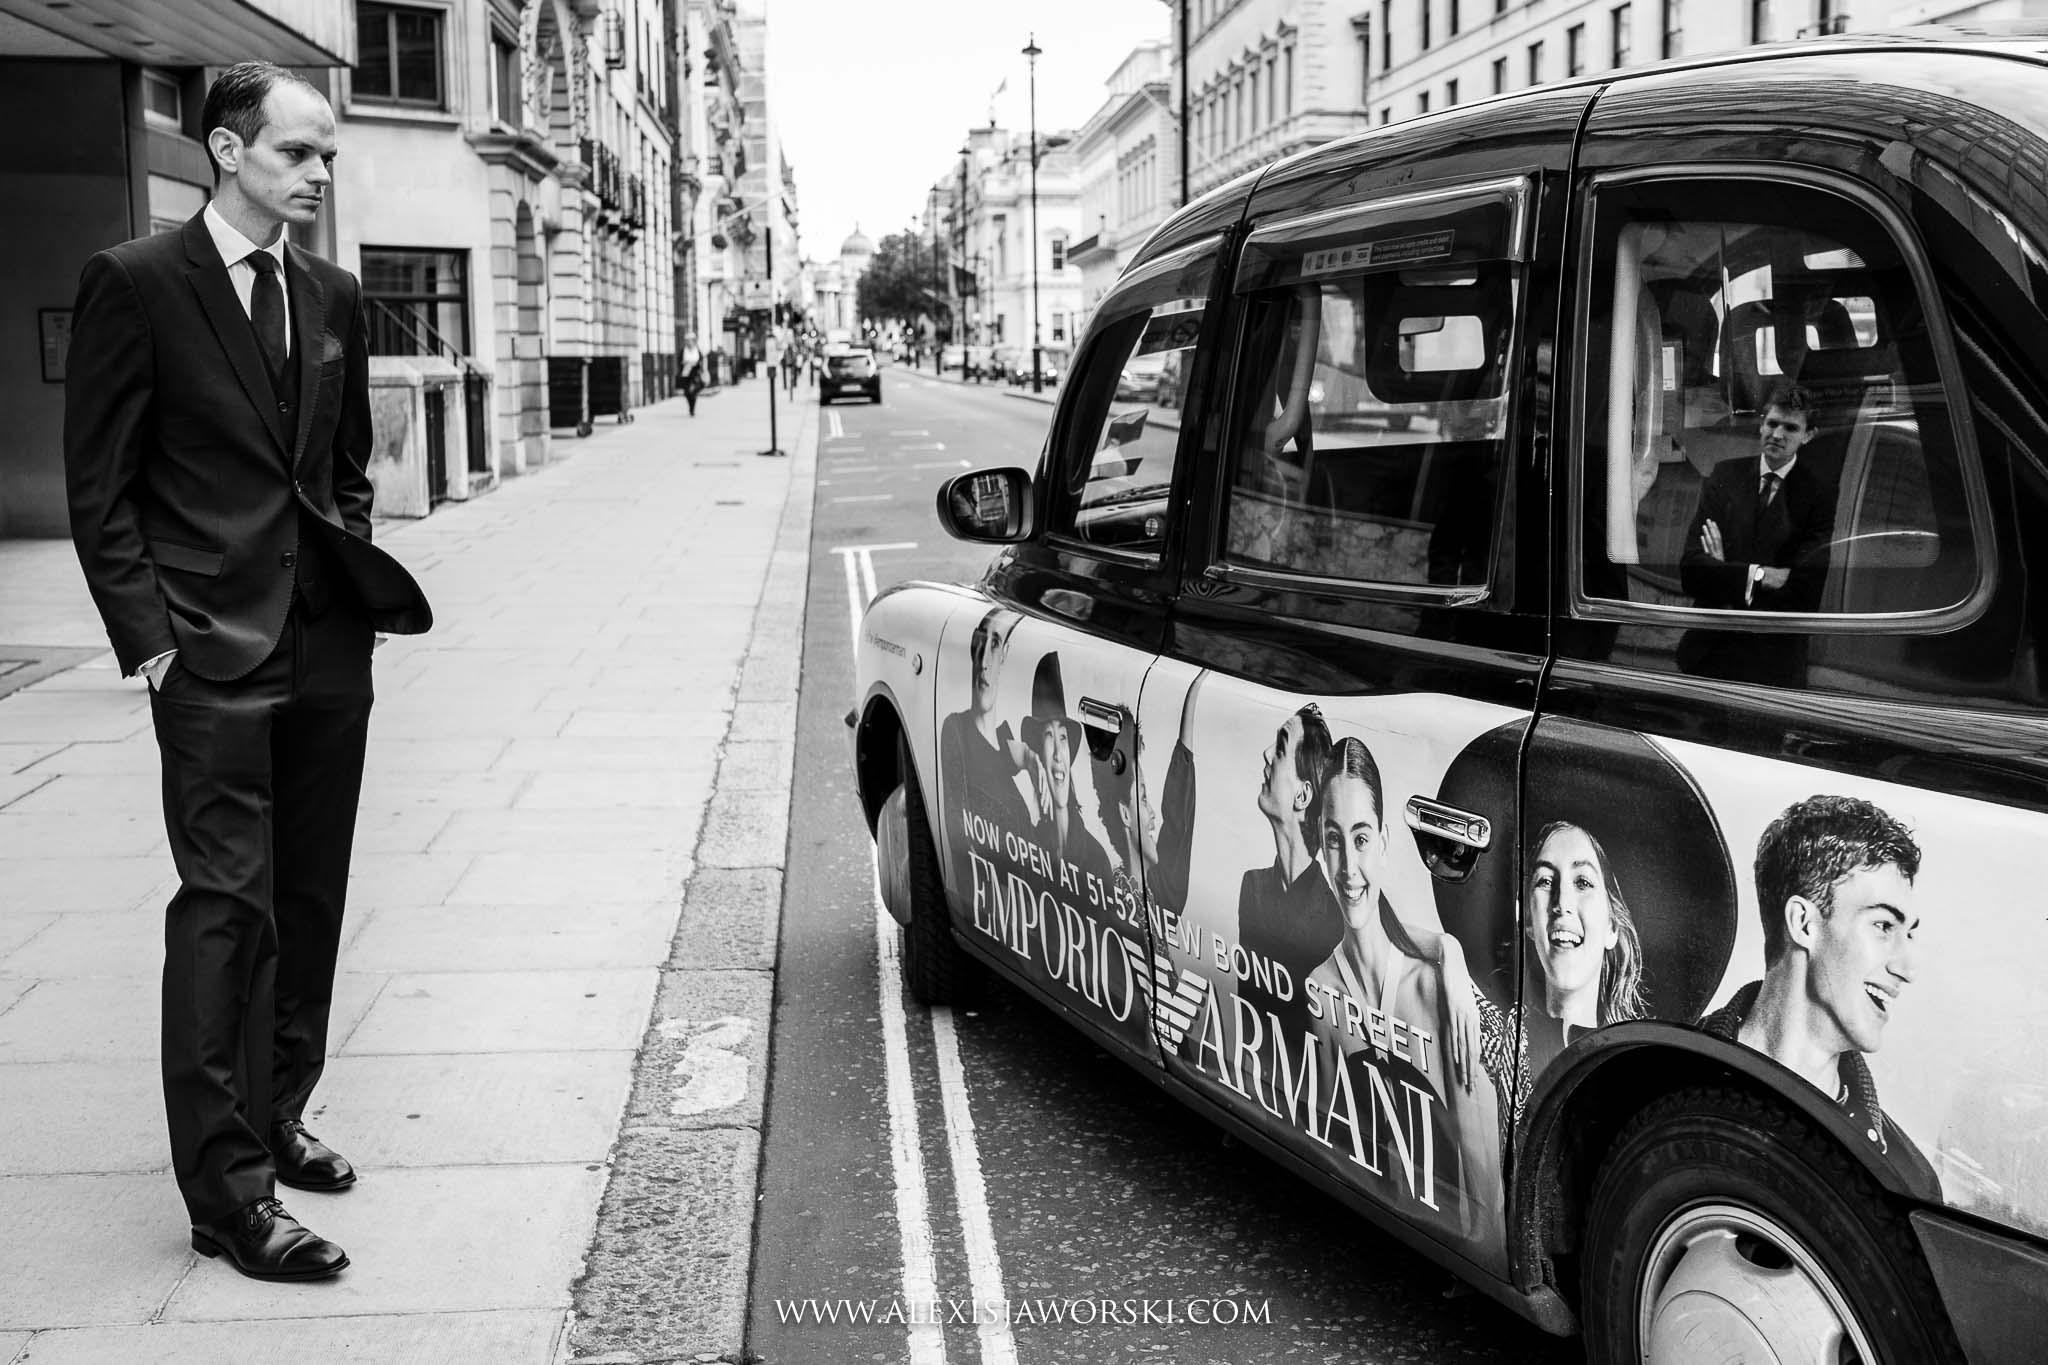 grabbing taxi to venue